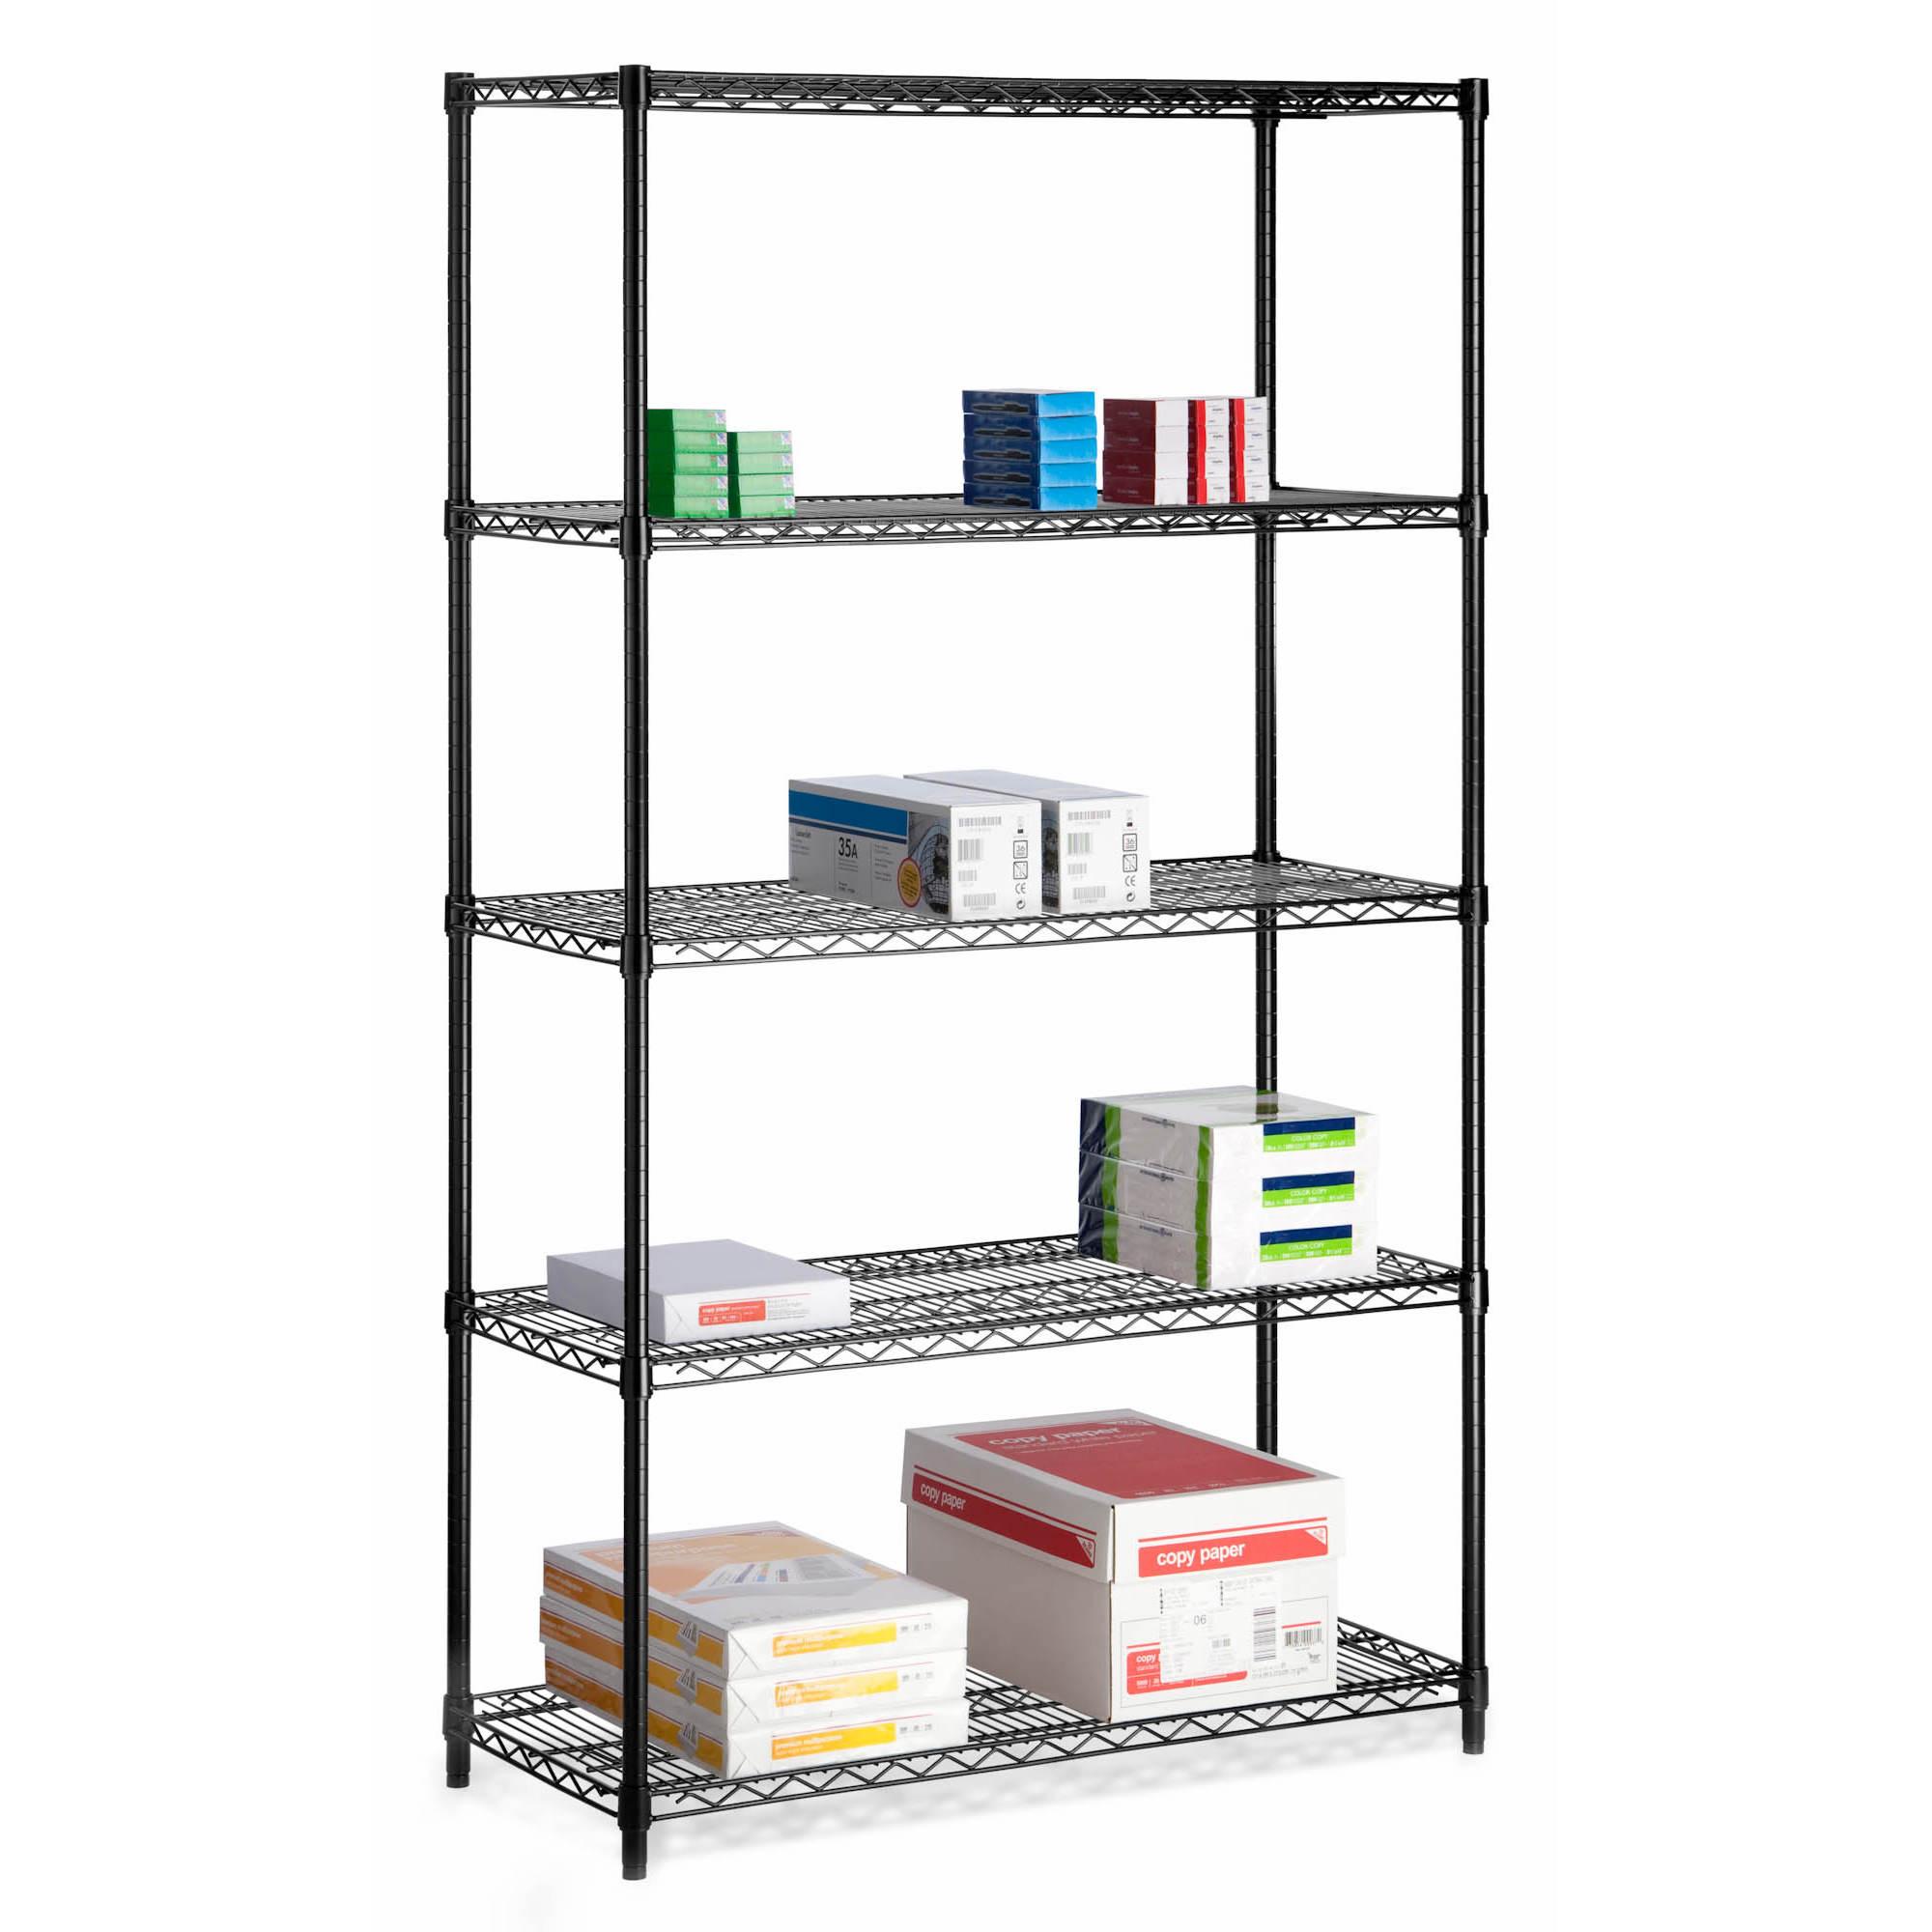 storage overstock h x rack standing coat tier garden shelf home l today product shipping free vassen